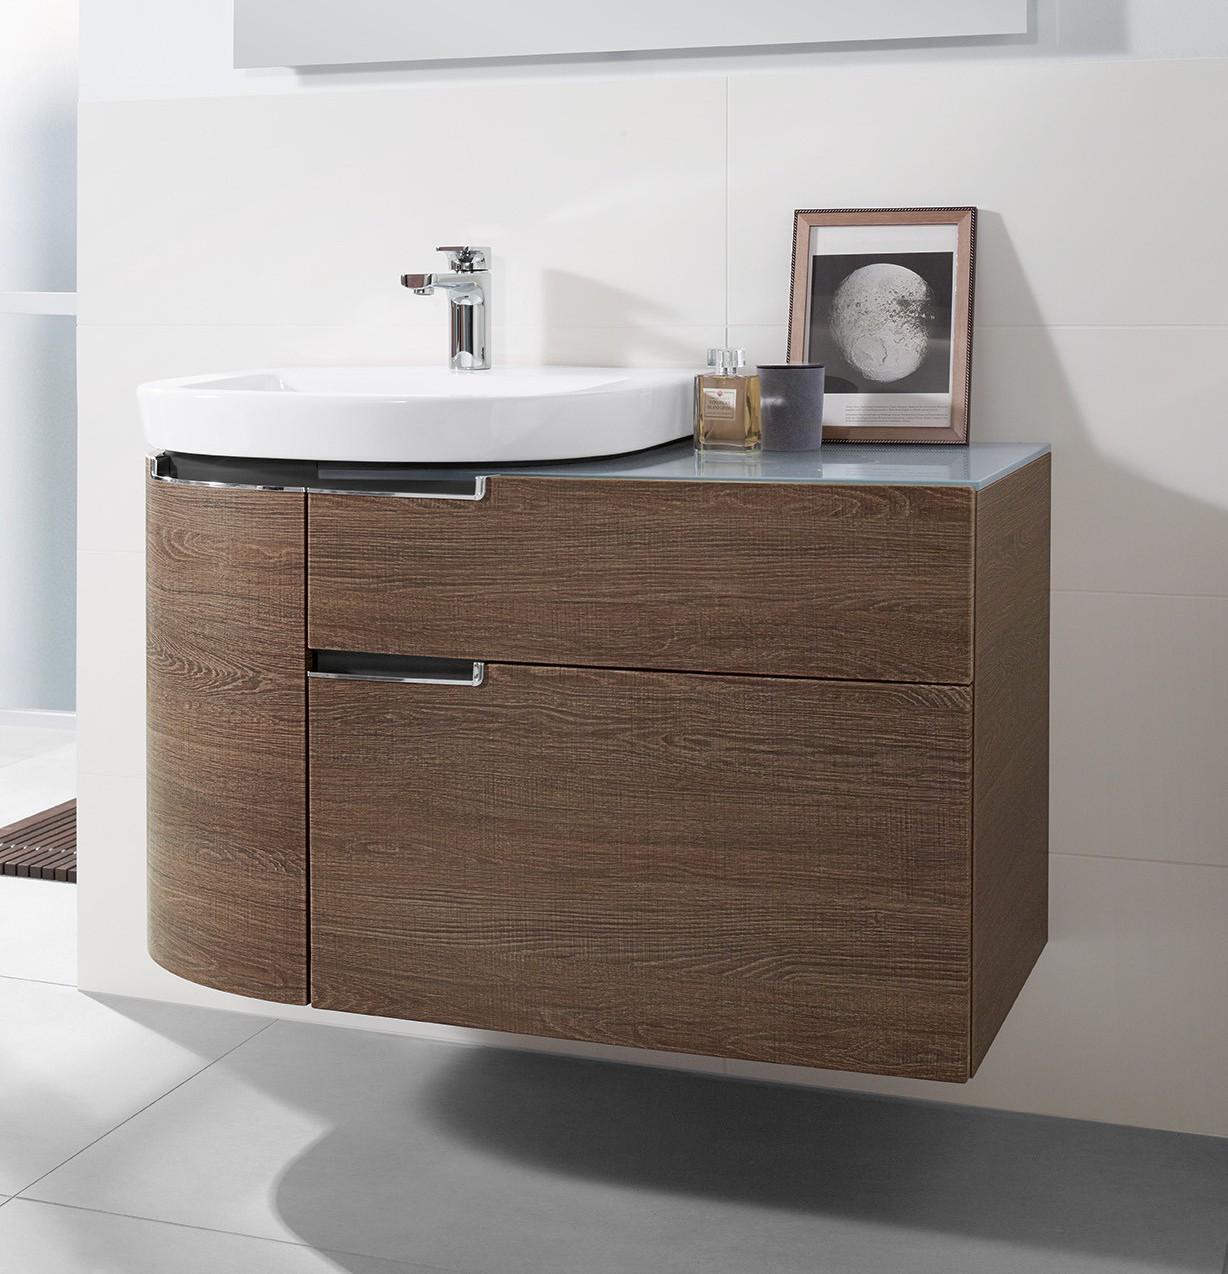 mobilier suspendu de salle de bain fiche produit. Black Bedroom Furniture Sets. Home Design Ideas